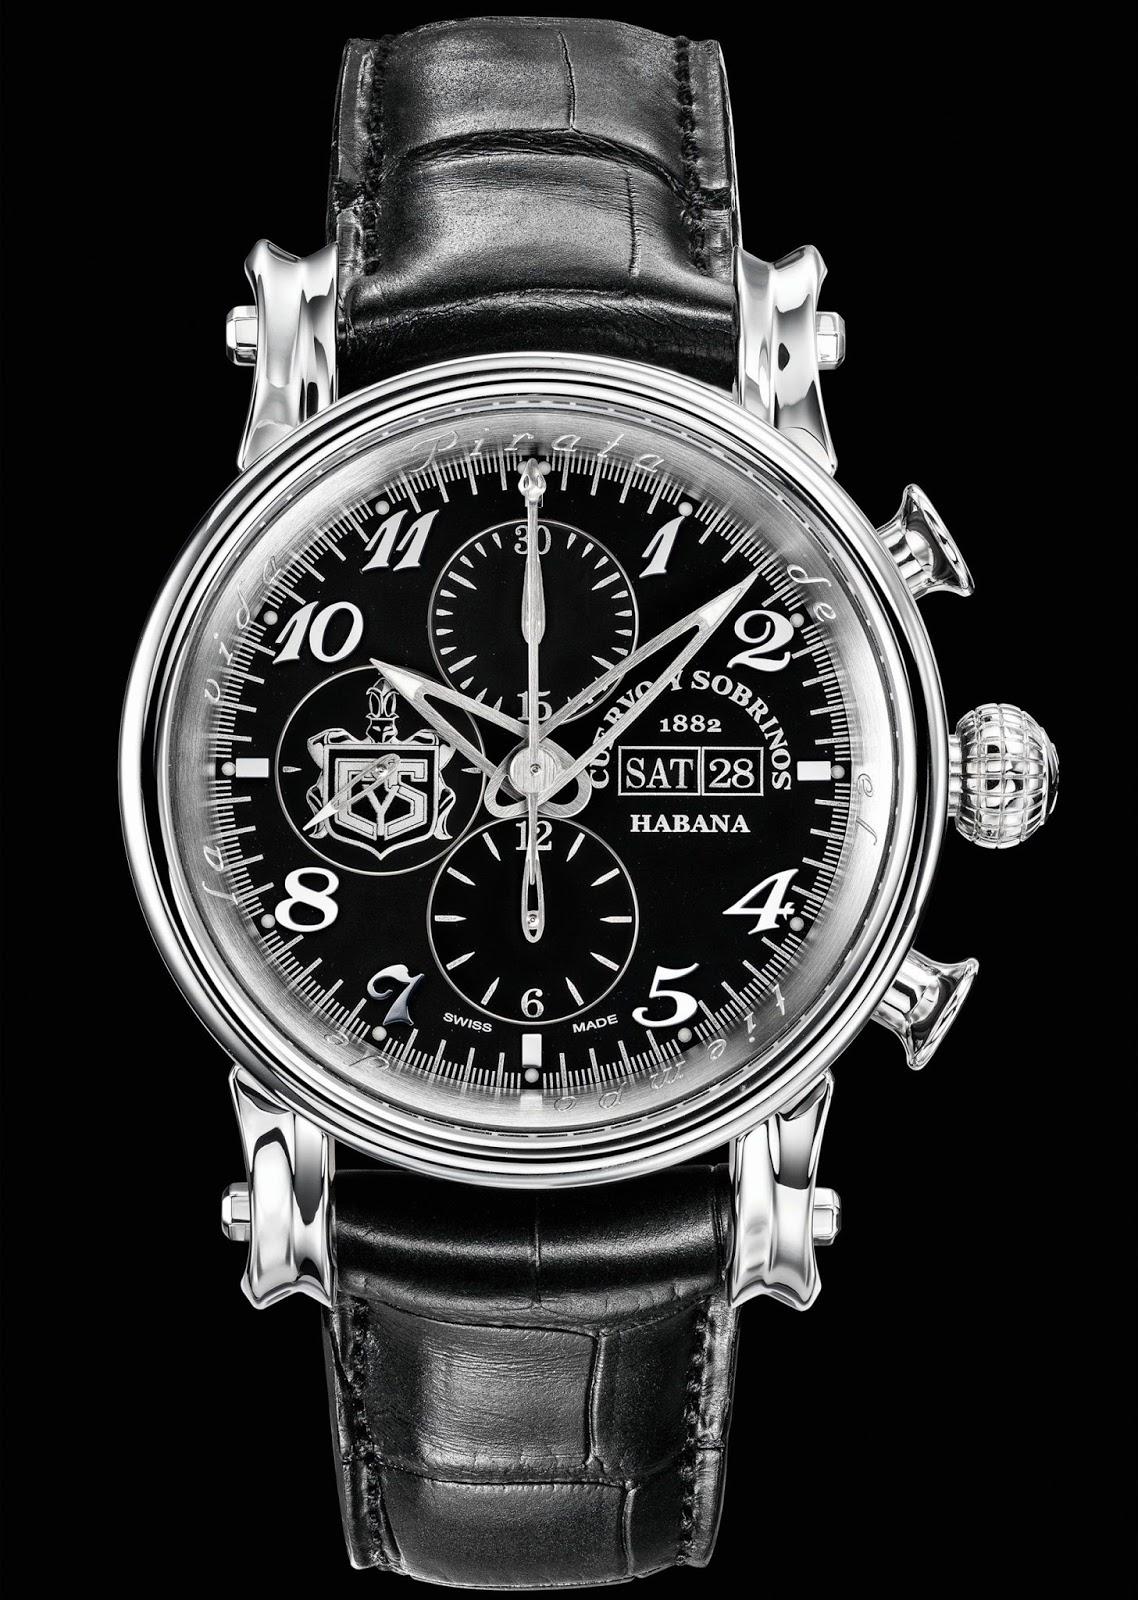 """Neue Uhr : Cuervo y Sobrinos Torpedo Pirata """"Crono Day Date"""" - UhrForum"""